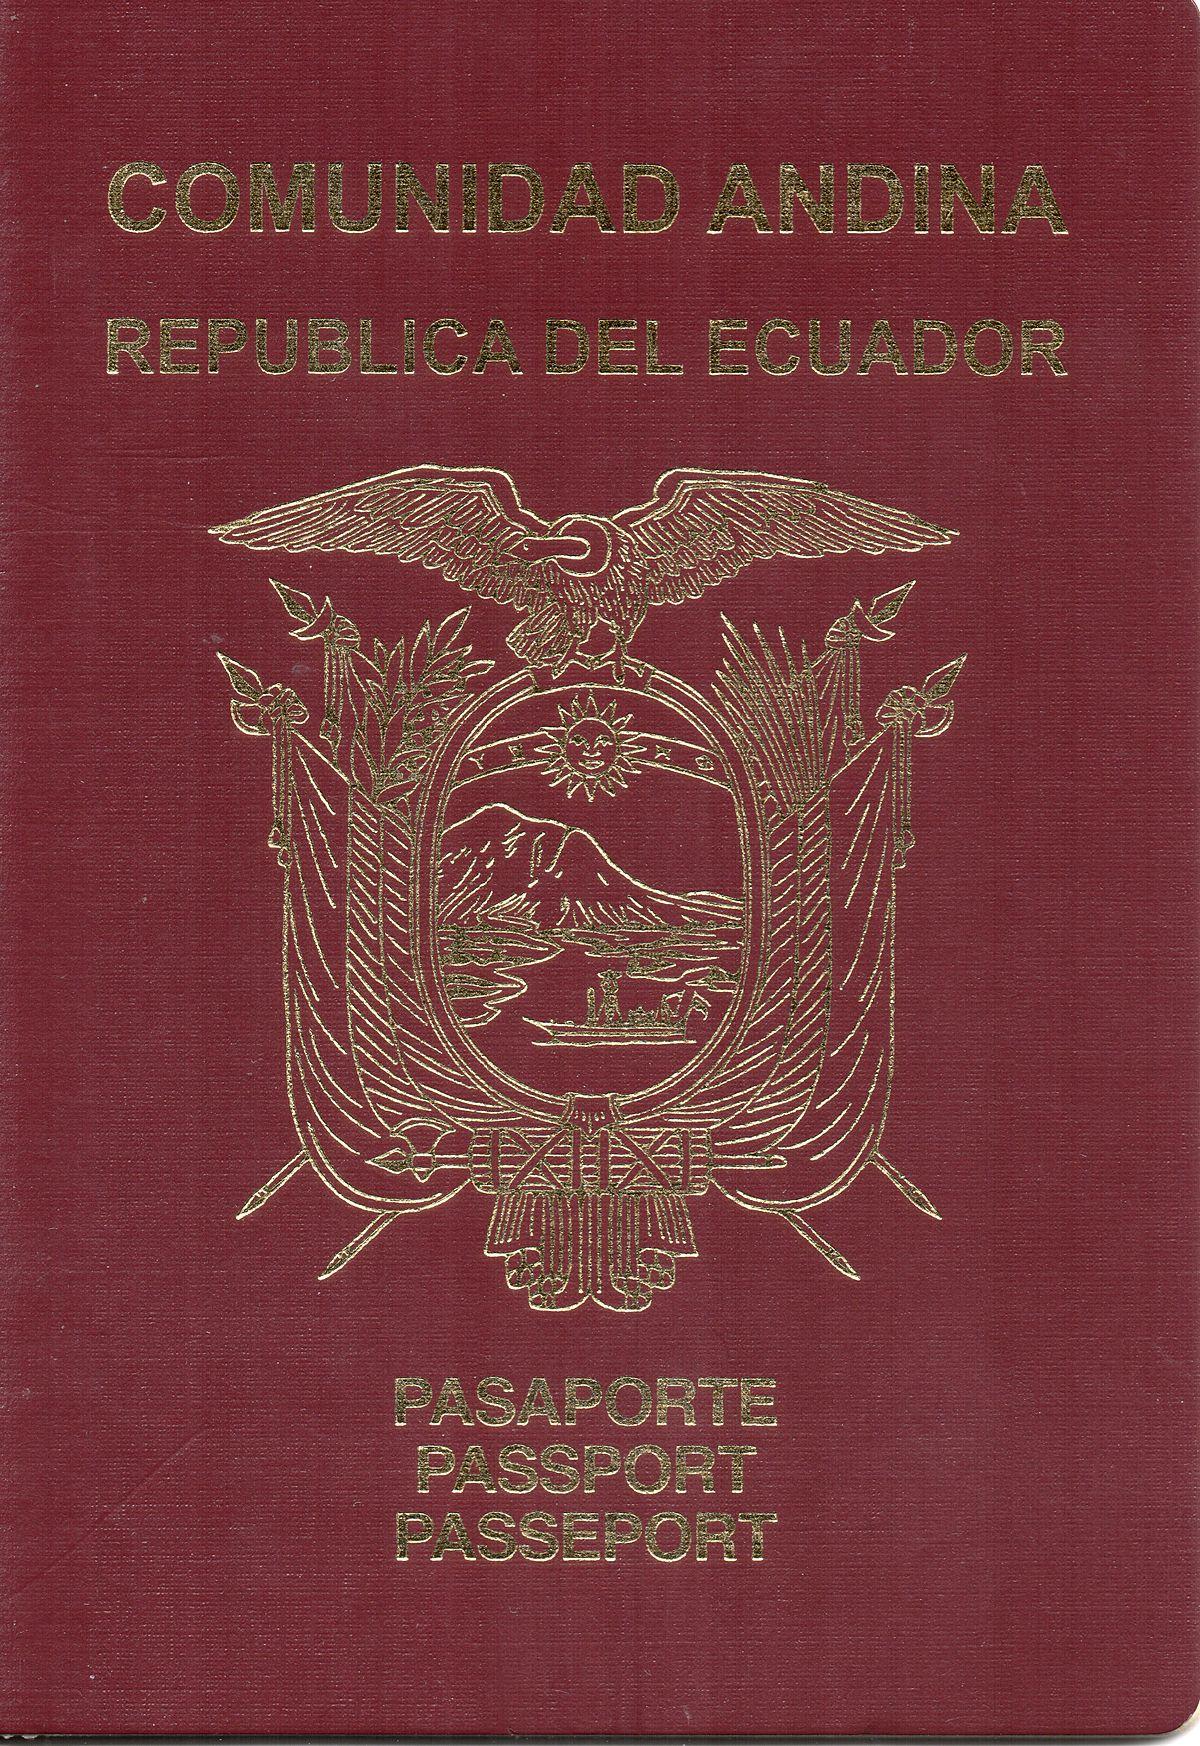 Pasaporte ecuatoriano - Wikipedia, la enciclopedia libre